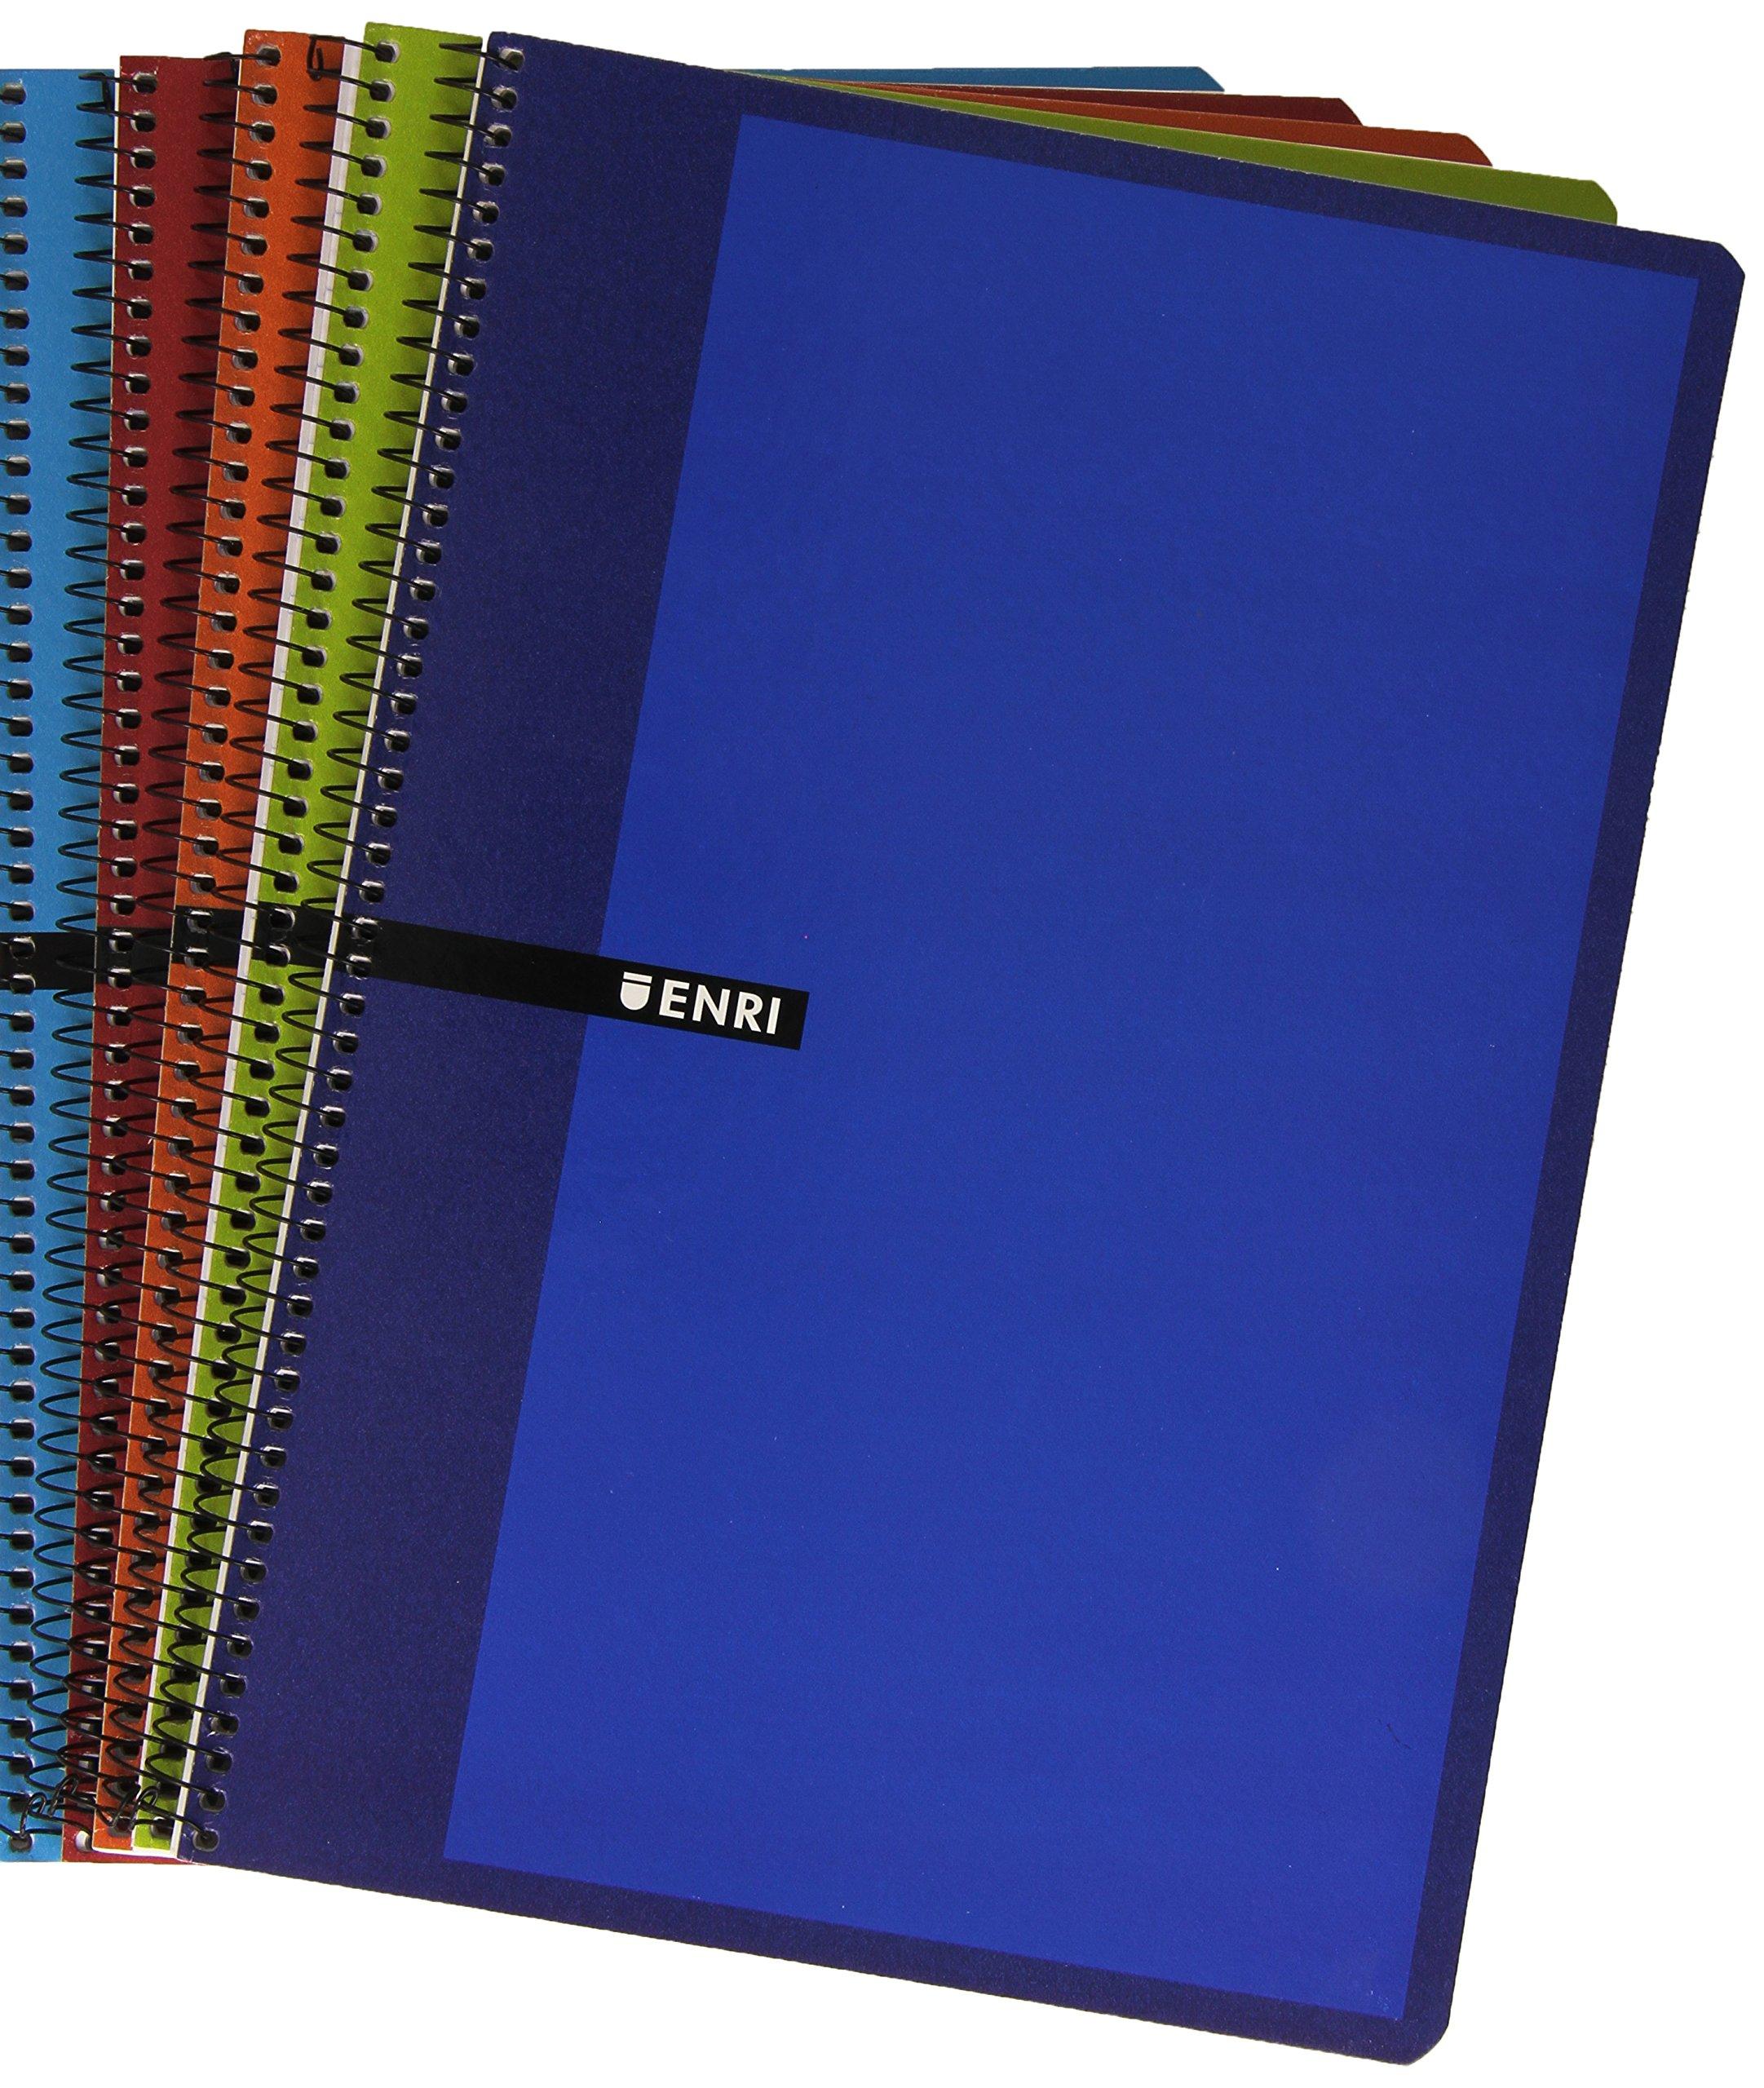 Enri 101085304 - Pack de 5 cuadernos con espiral simple, Pauta 3, tapas duras, colores surtidos: Amazon.es: Oficina y papelería